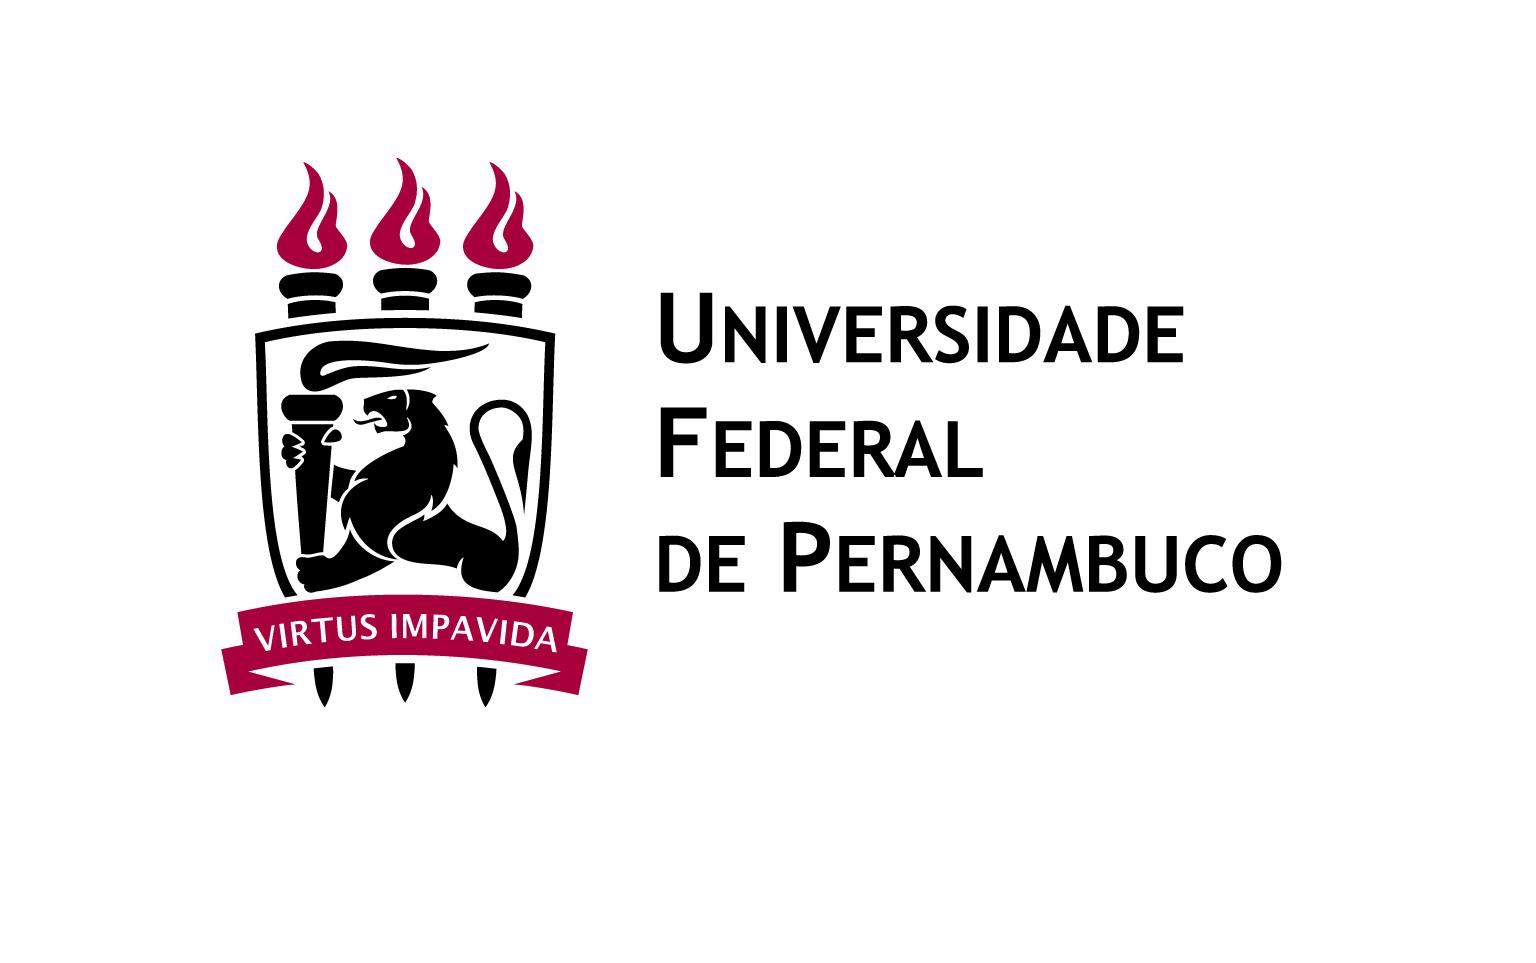 UFPE oferecerá bônus via Enem para candidatos do curso de Medicina